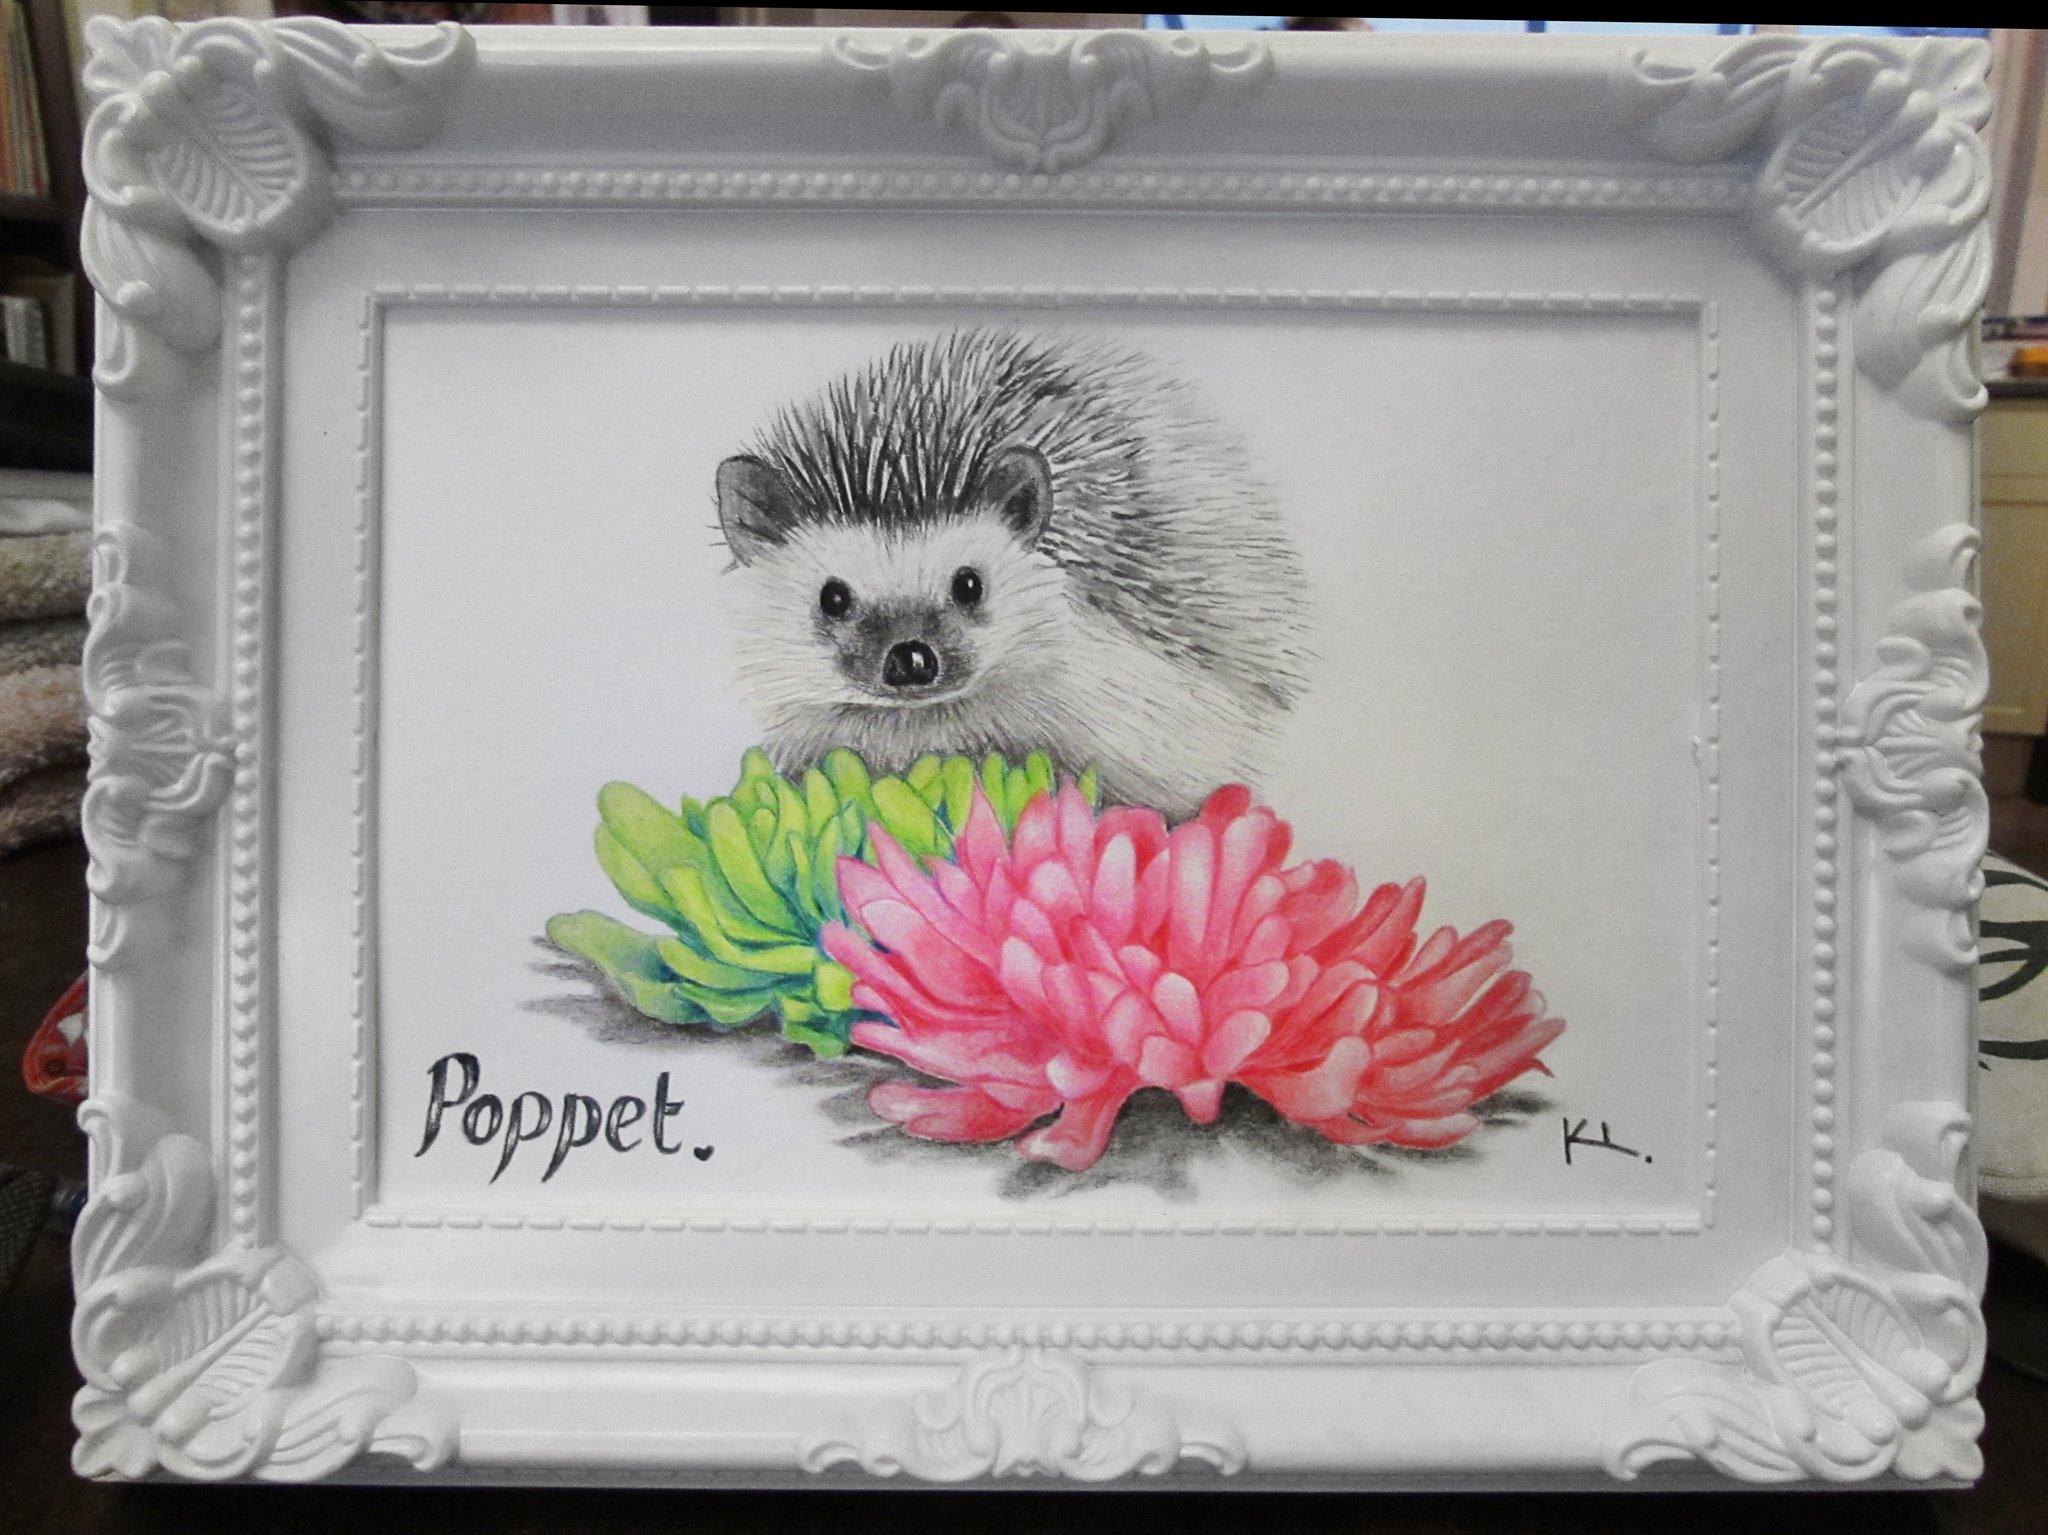 'Poppet'